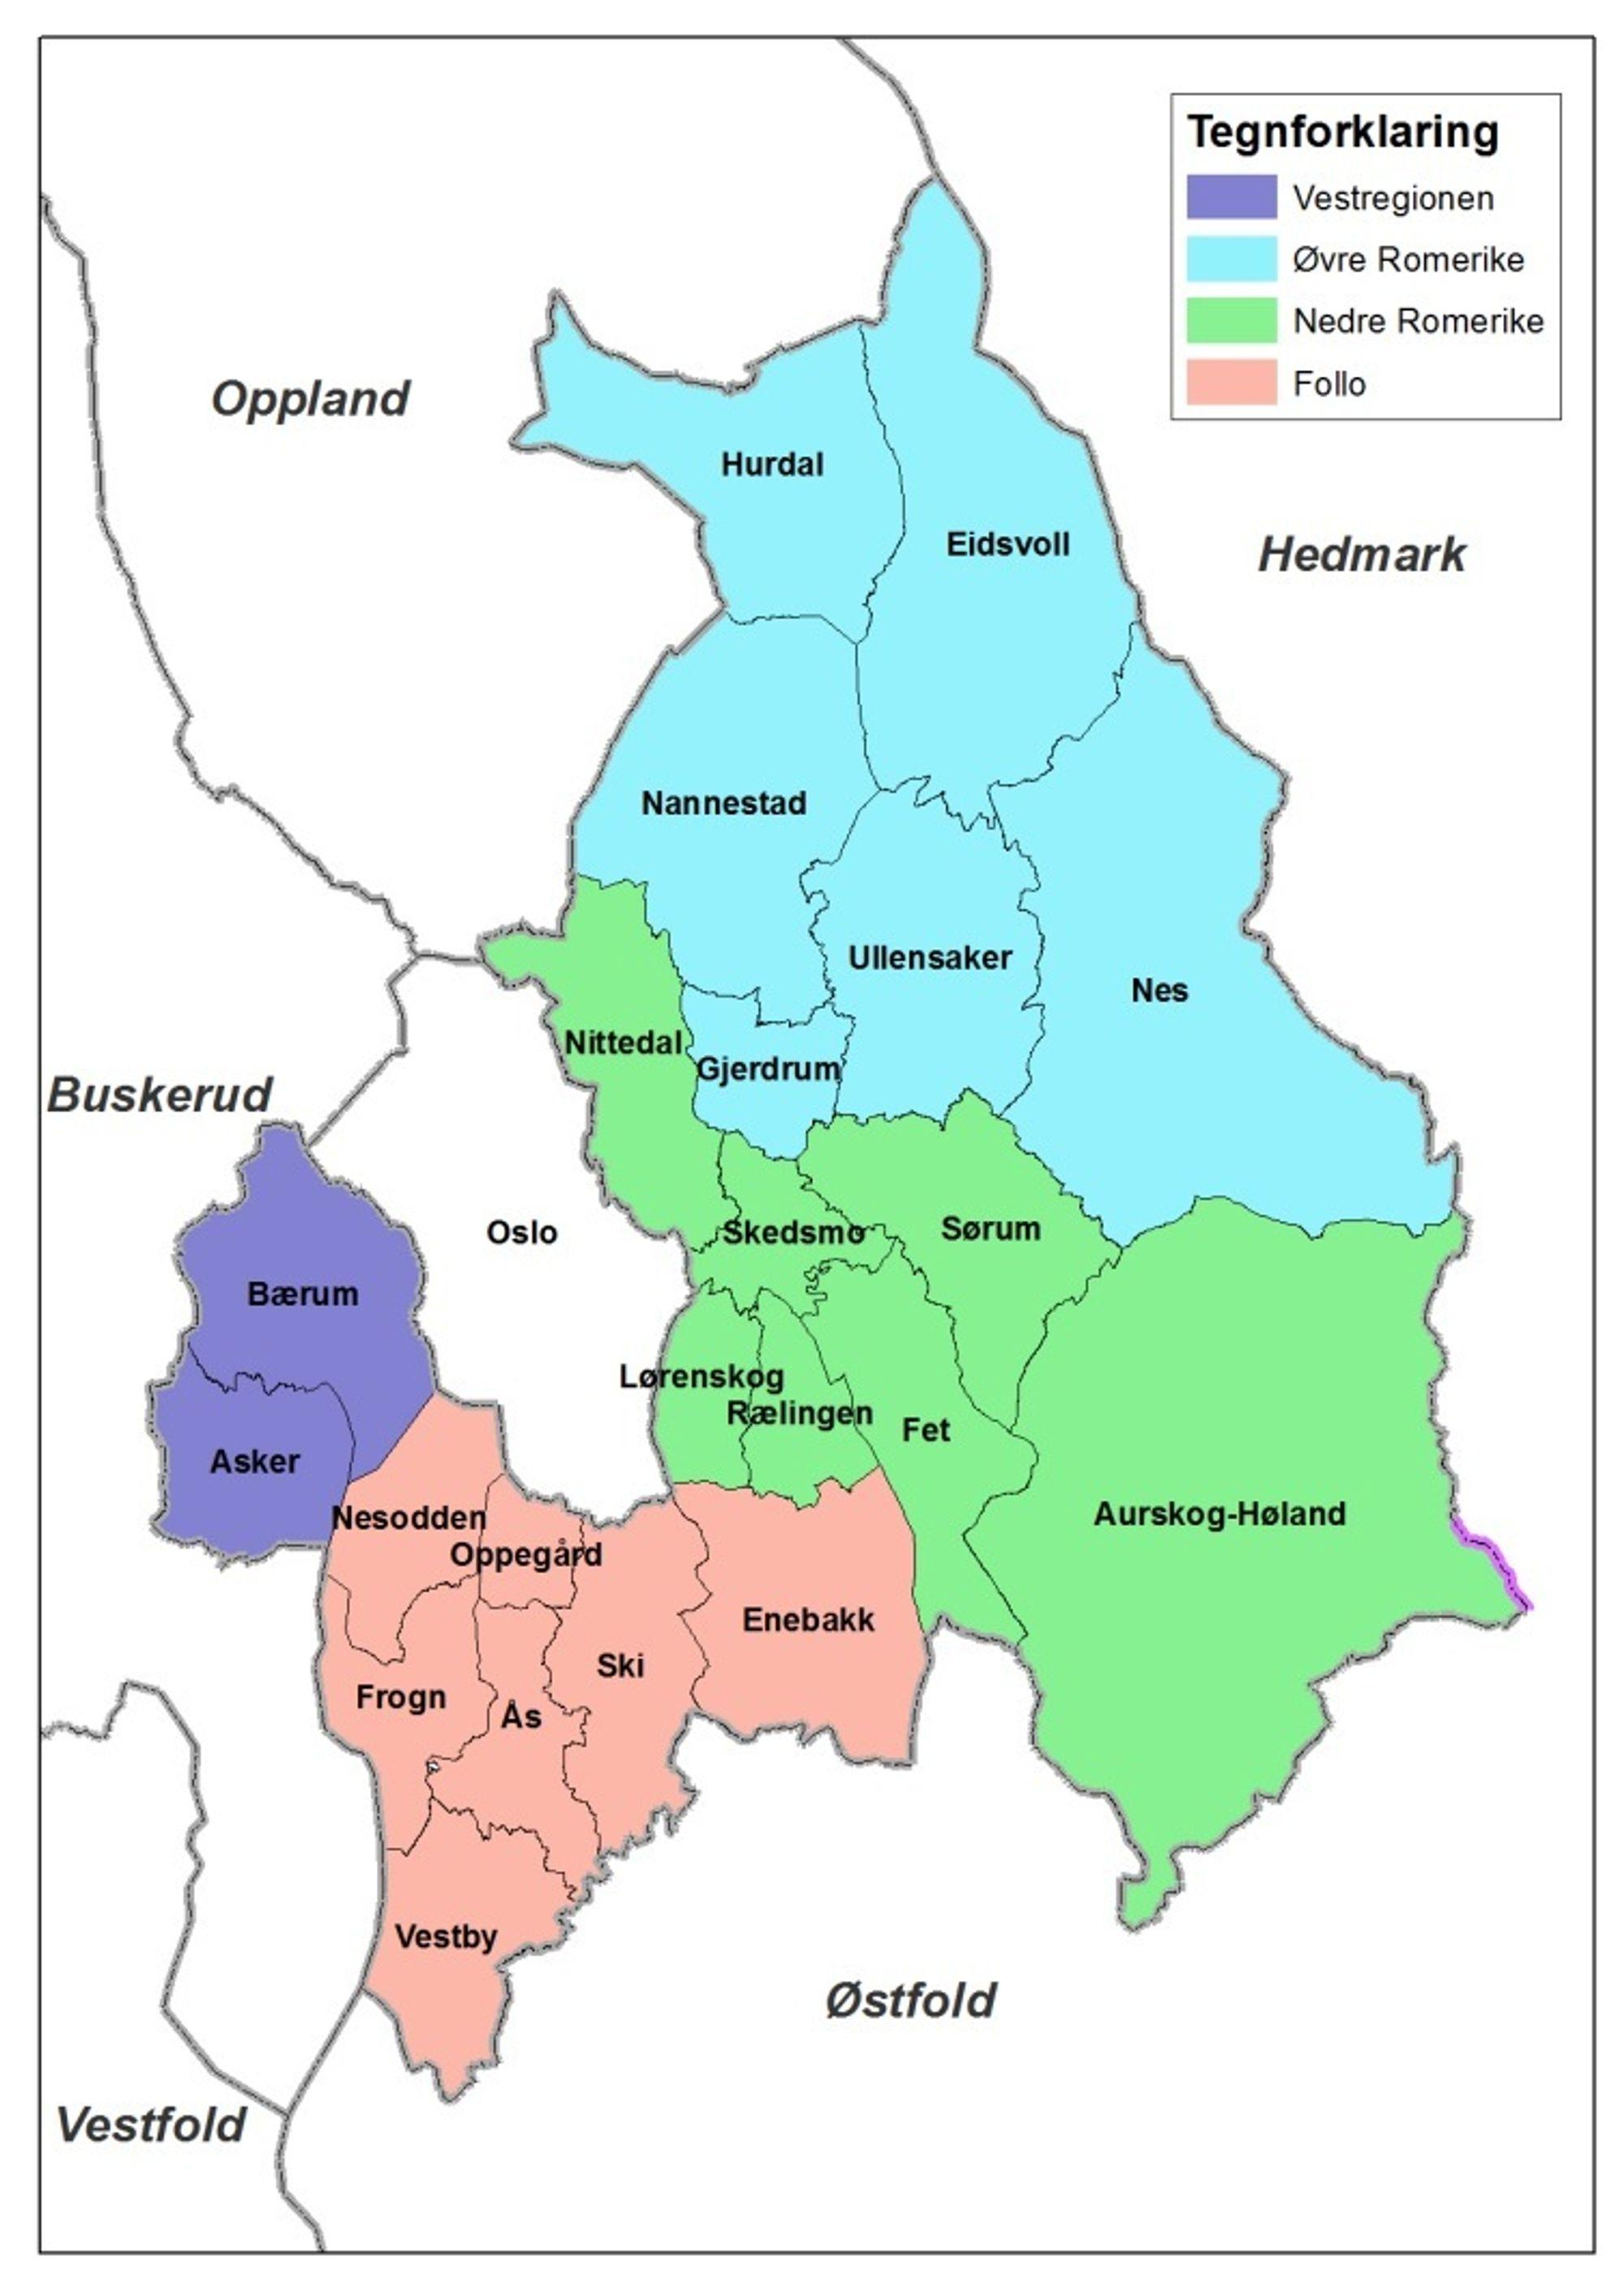 Akershus Kommune Kart Dedooddeband